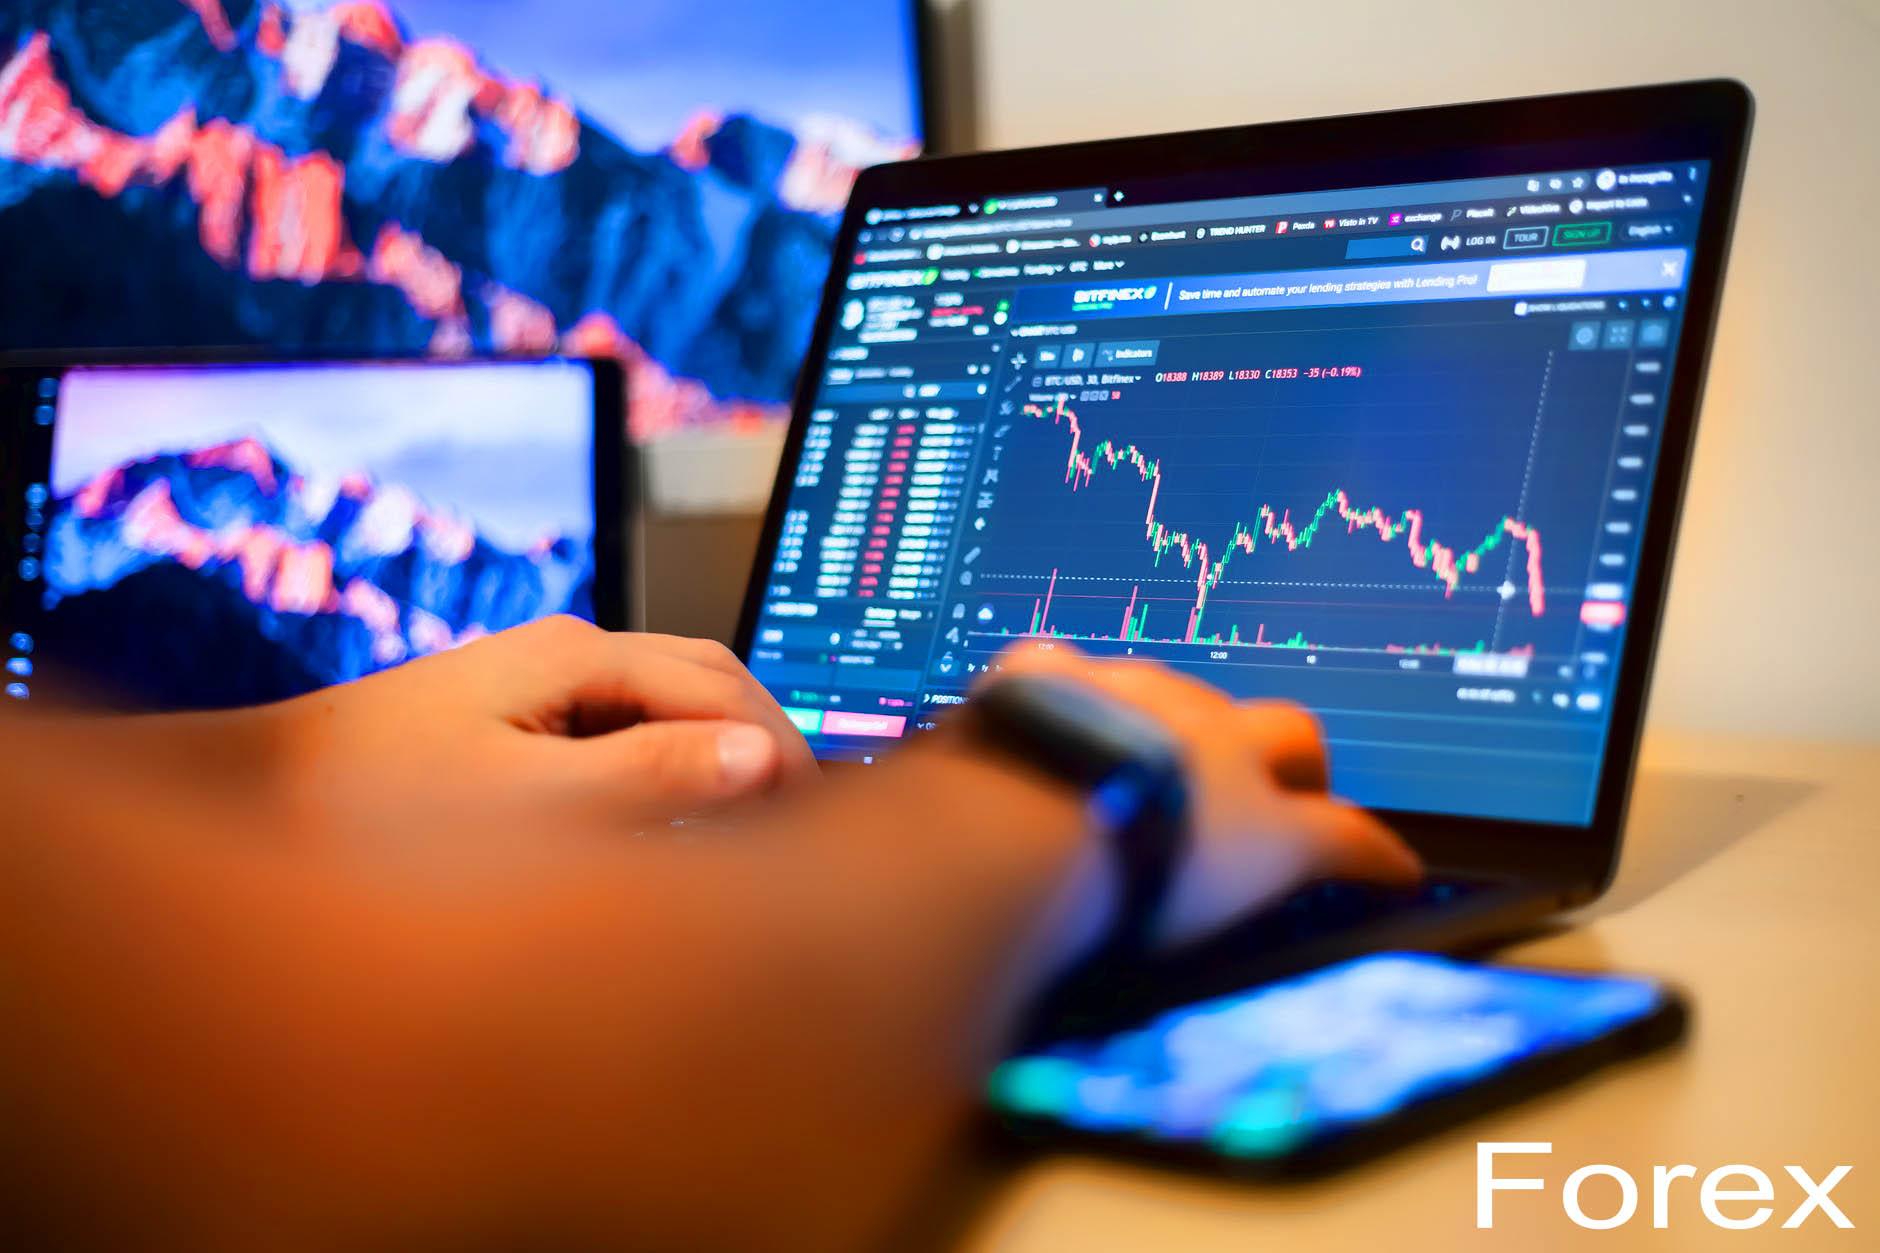 free forex demo account،mt5 webtrader،best fx broker